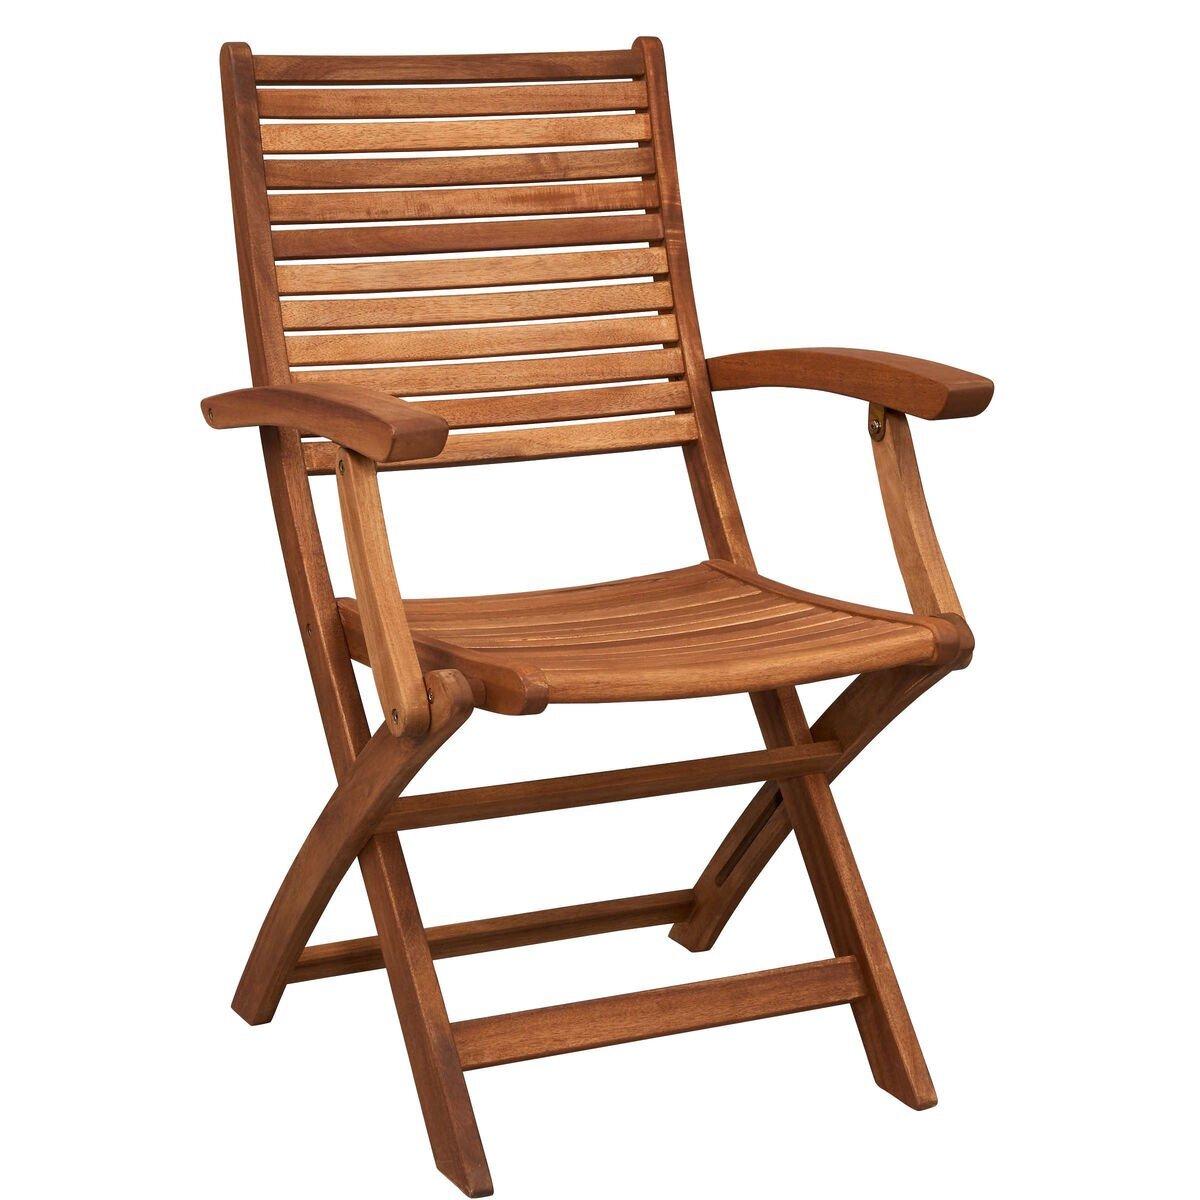 Bild 1 von SOMERSET Stuhl mit Armlehne